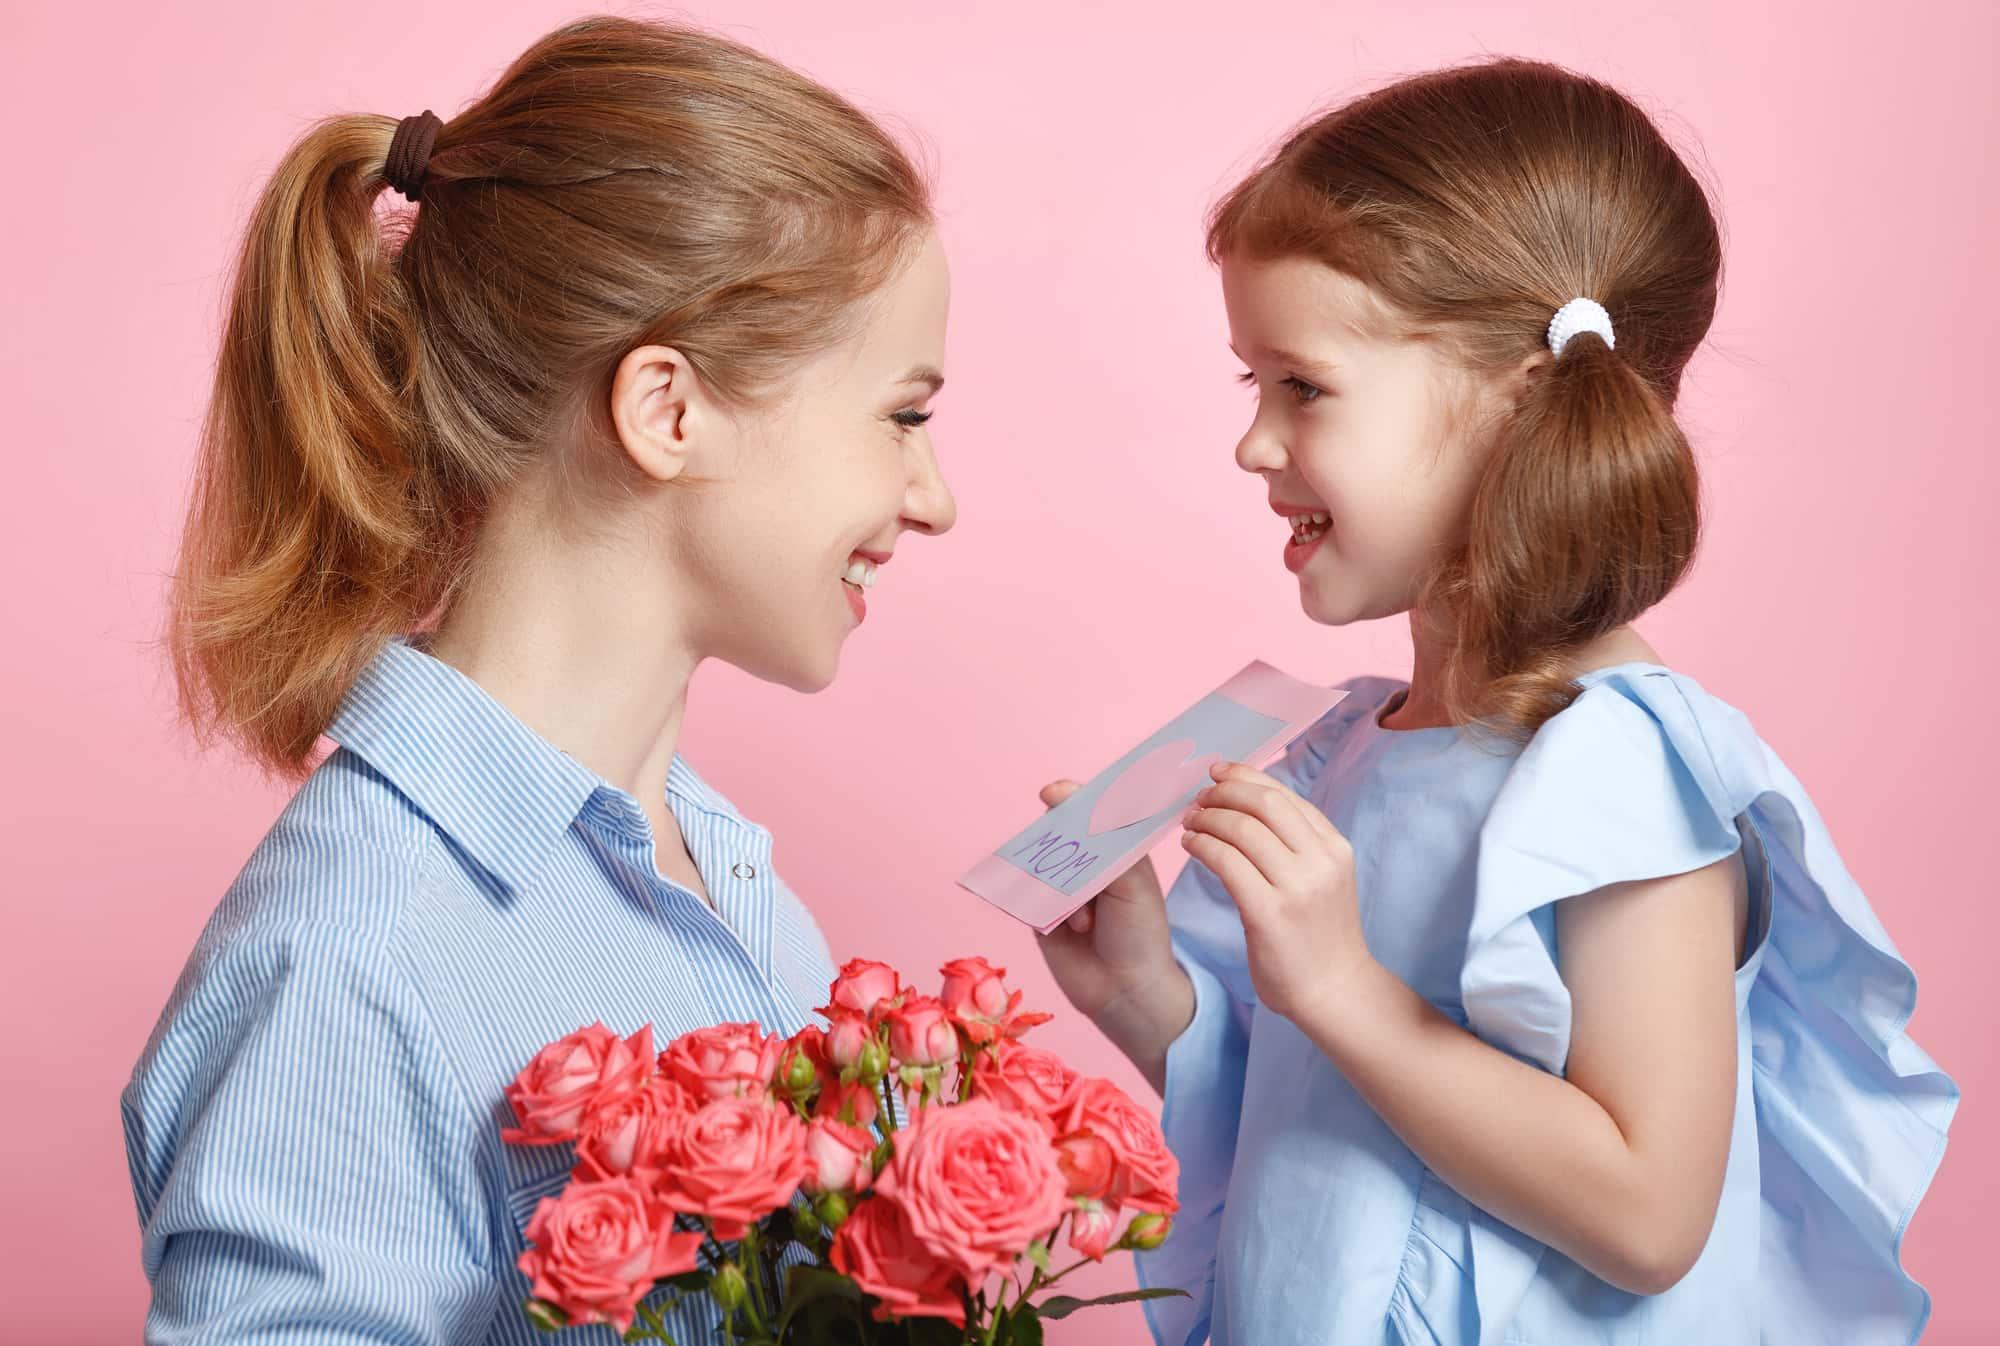 מתנות לפסח לילדים - לא מה שחשבתם